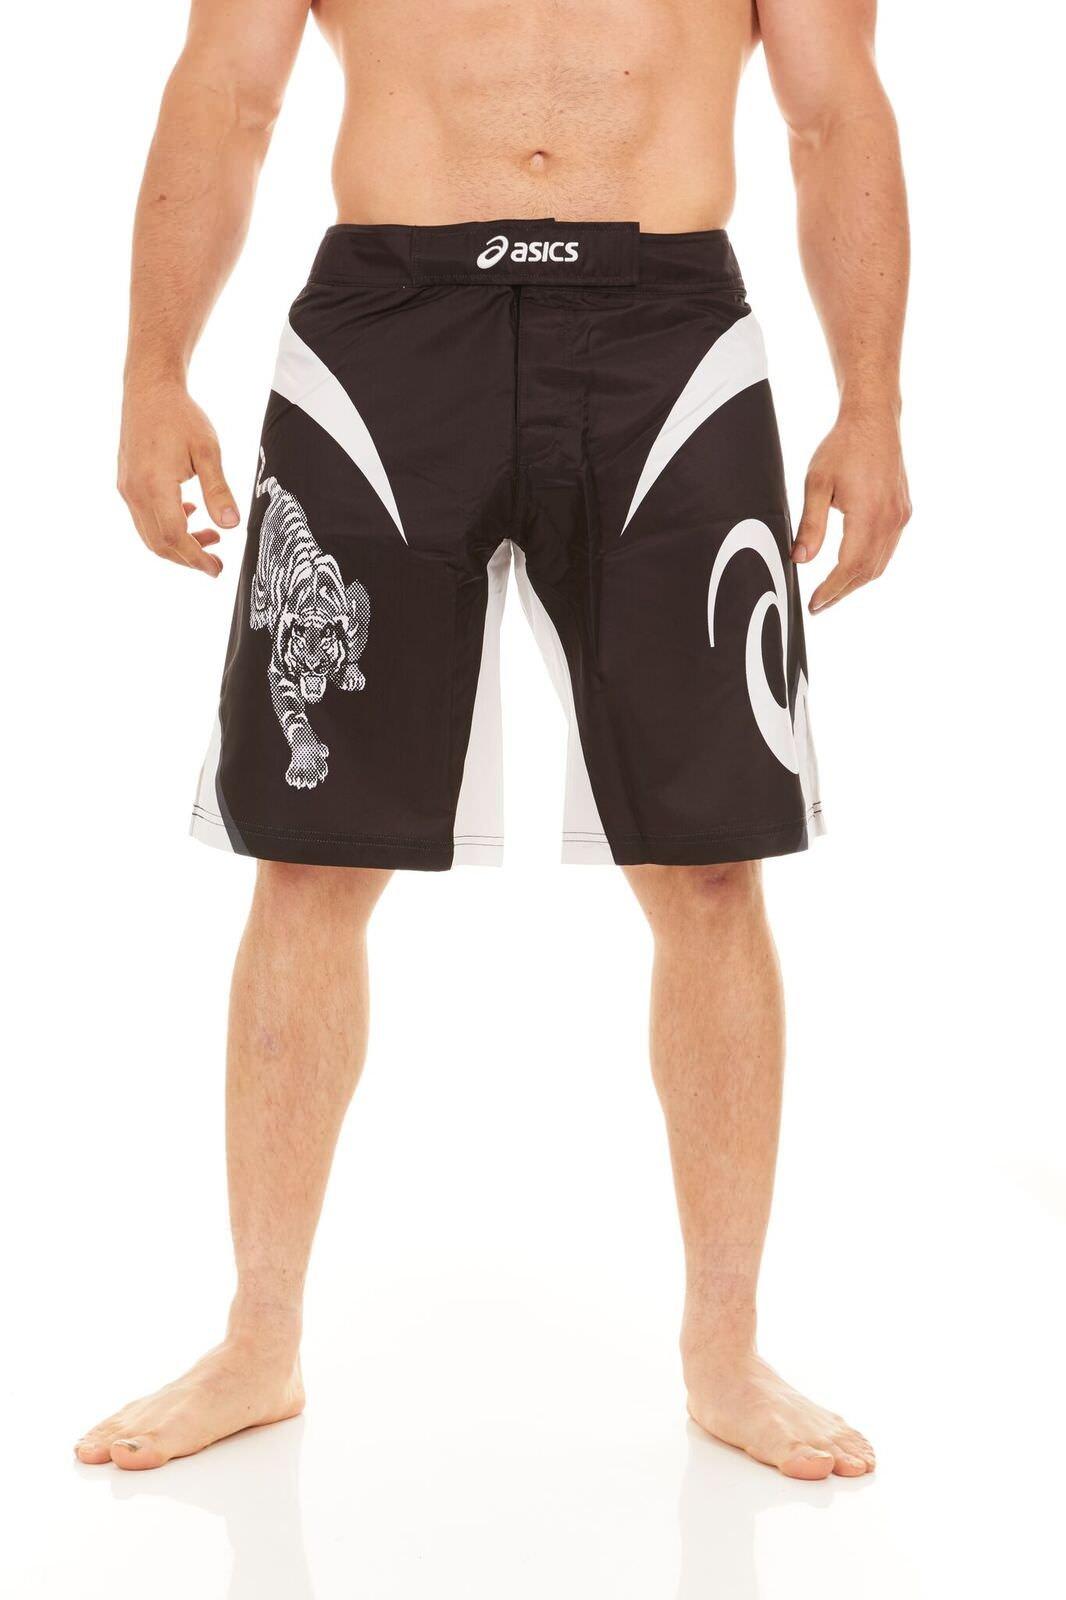 Asics Men's Bull Short, Black/White, 34